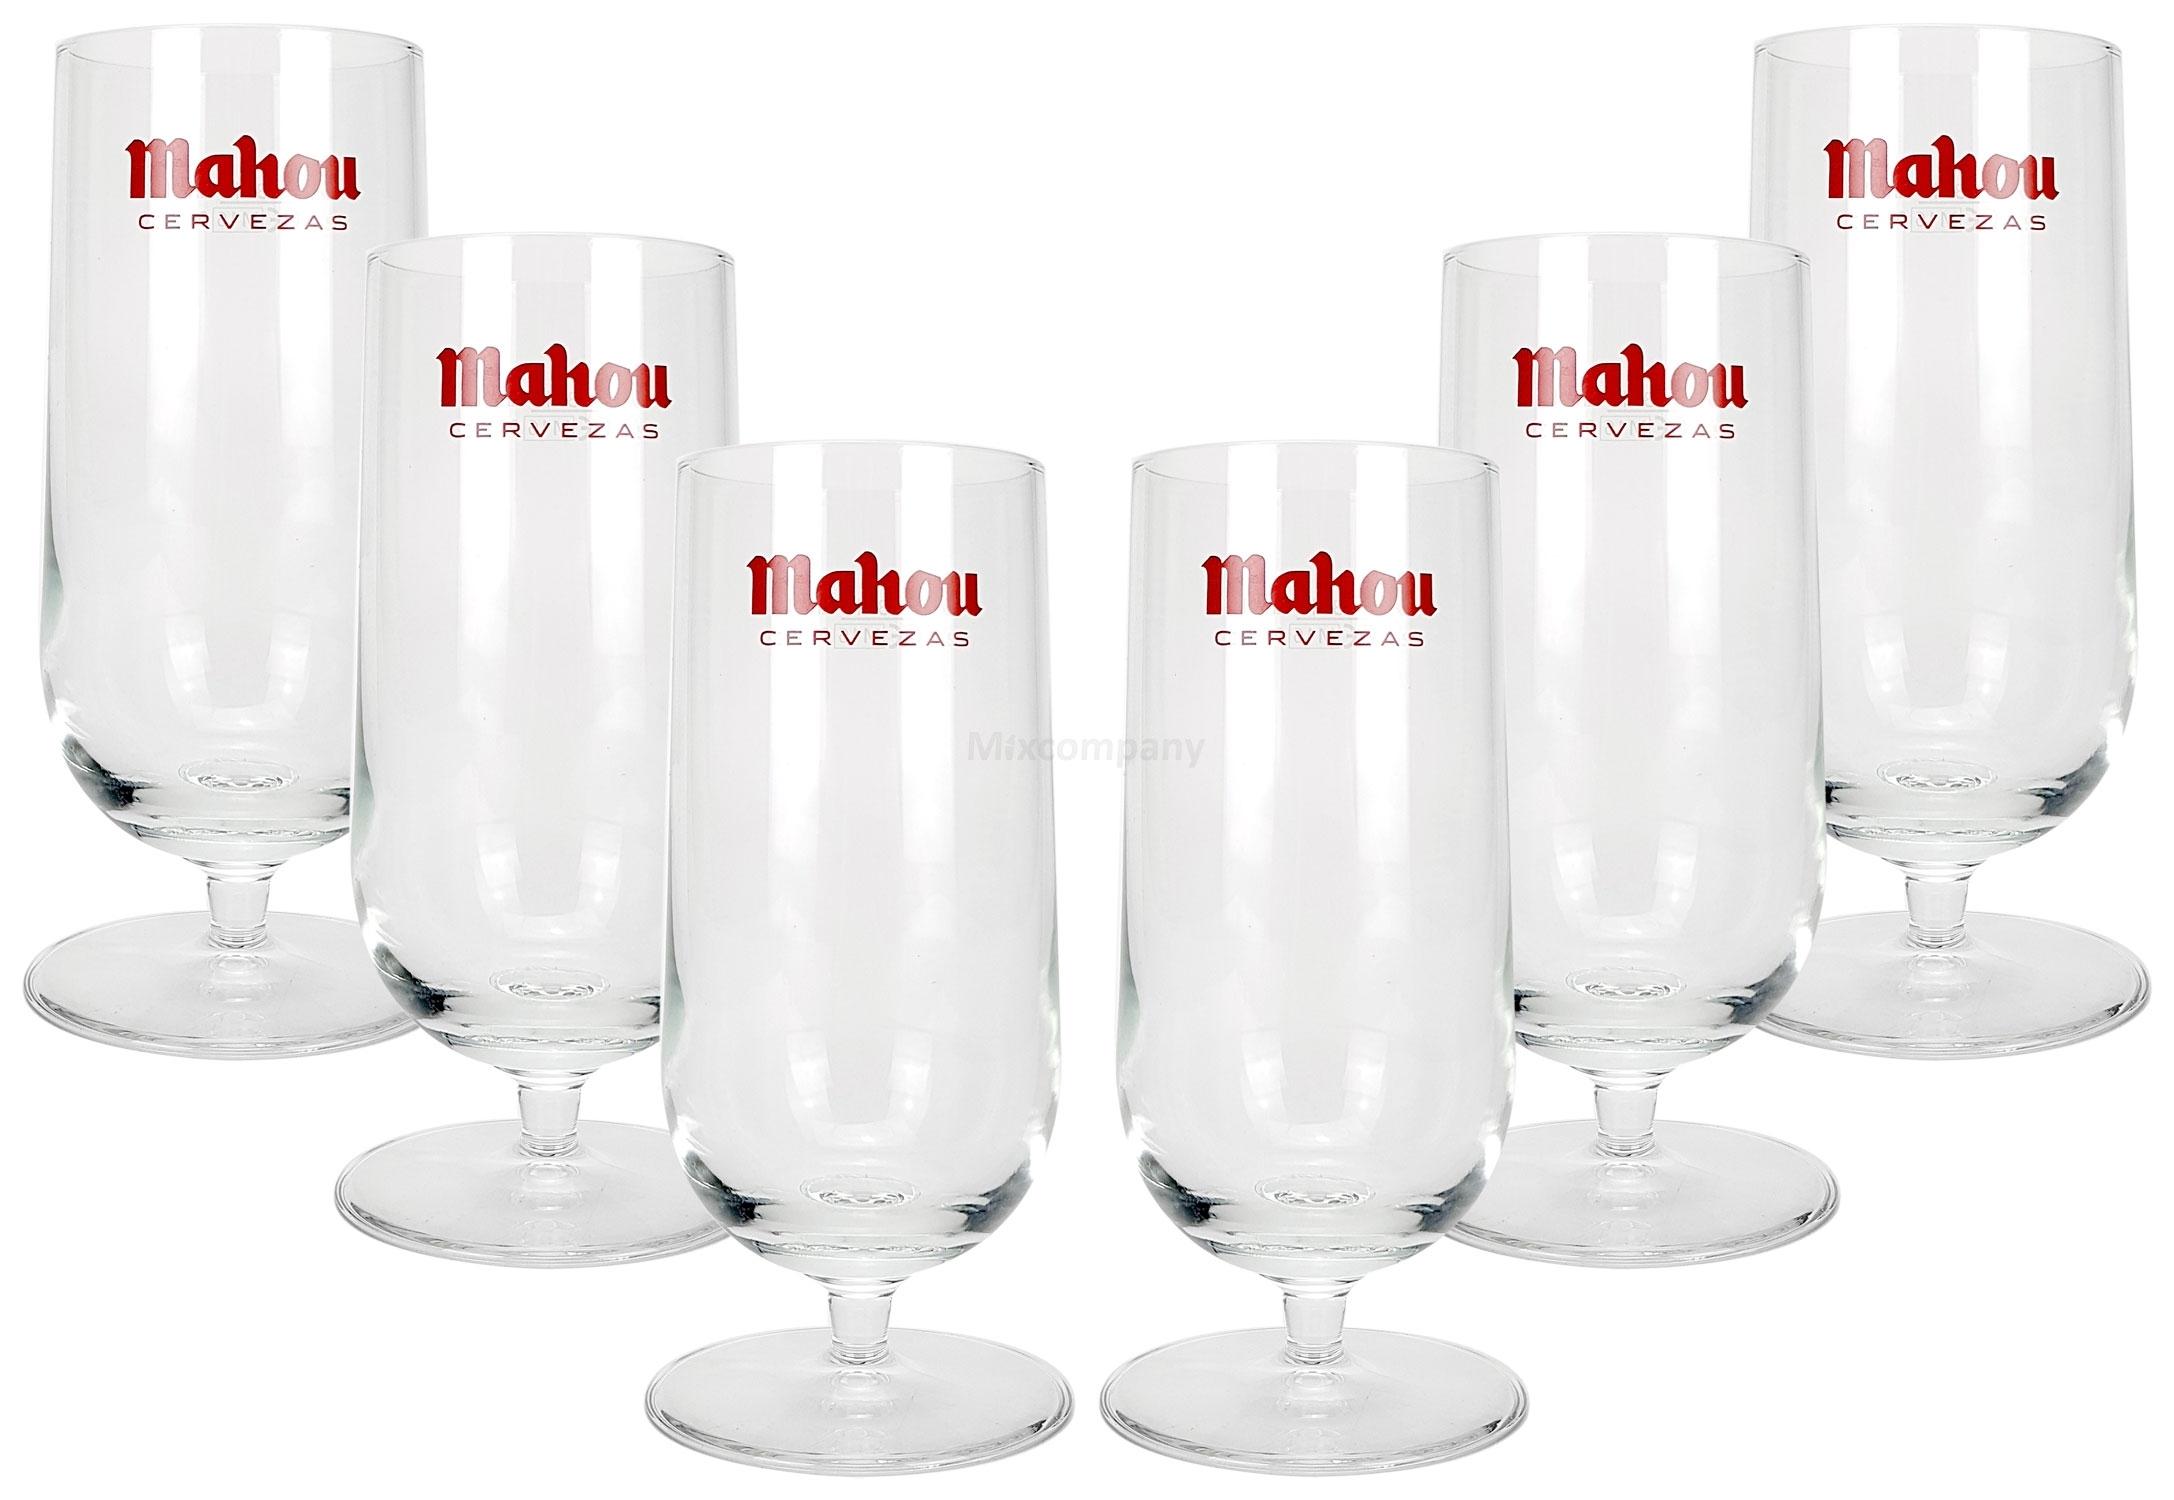 Mahou Glas Bierkelch Bierglas Gläser Set - 6x Kelche 0,33l geeicht